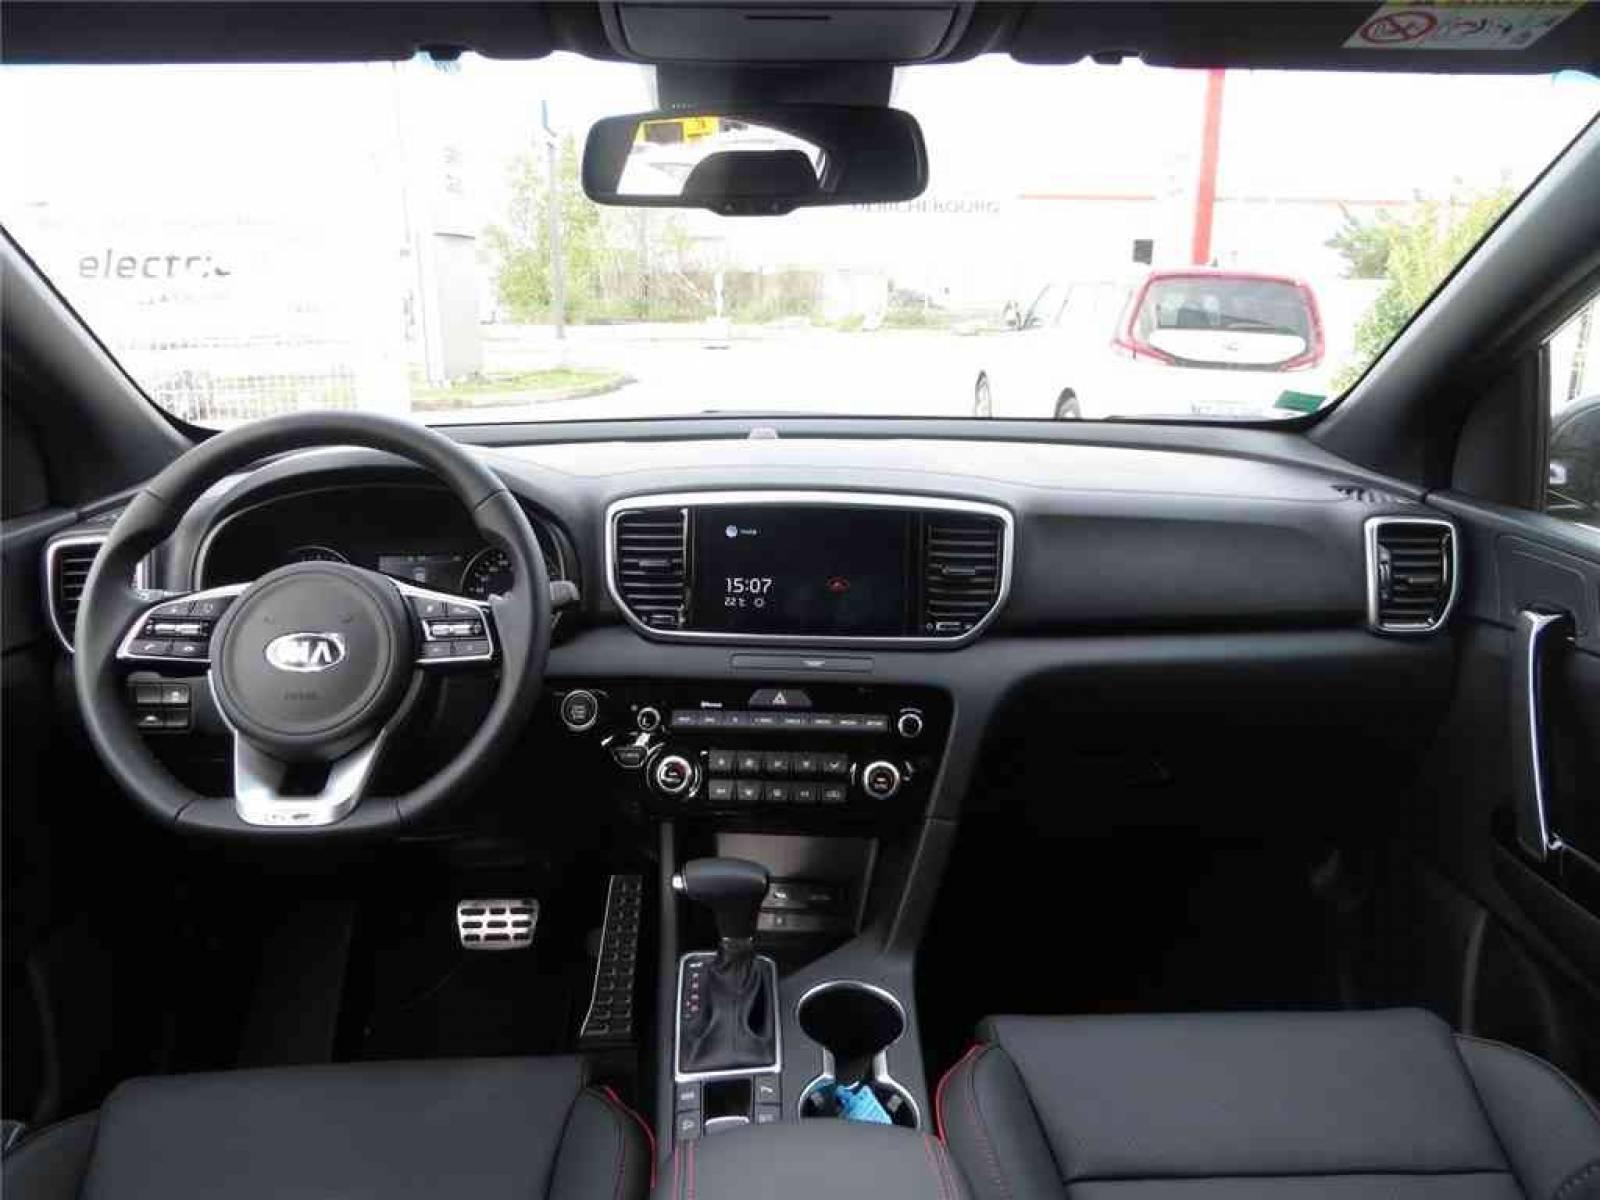 KIA Sportage 1.6 CRDi 136ch MHEV DCT7 4x2 - véhicule d'occasion - Groupe Guillet - Hall de l'automobile - Chalon sur Saône - 71380 - Saint-Marcel - 14